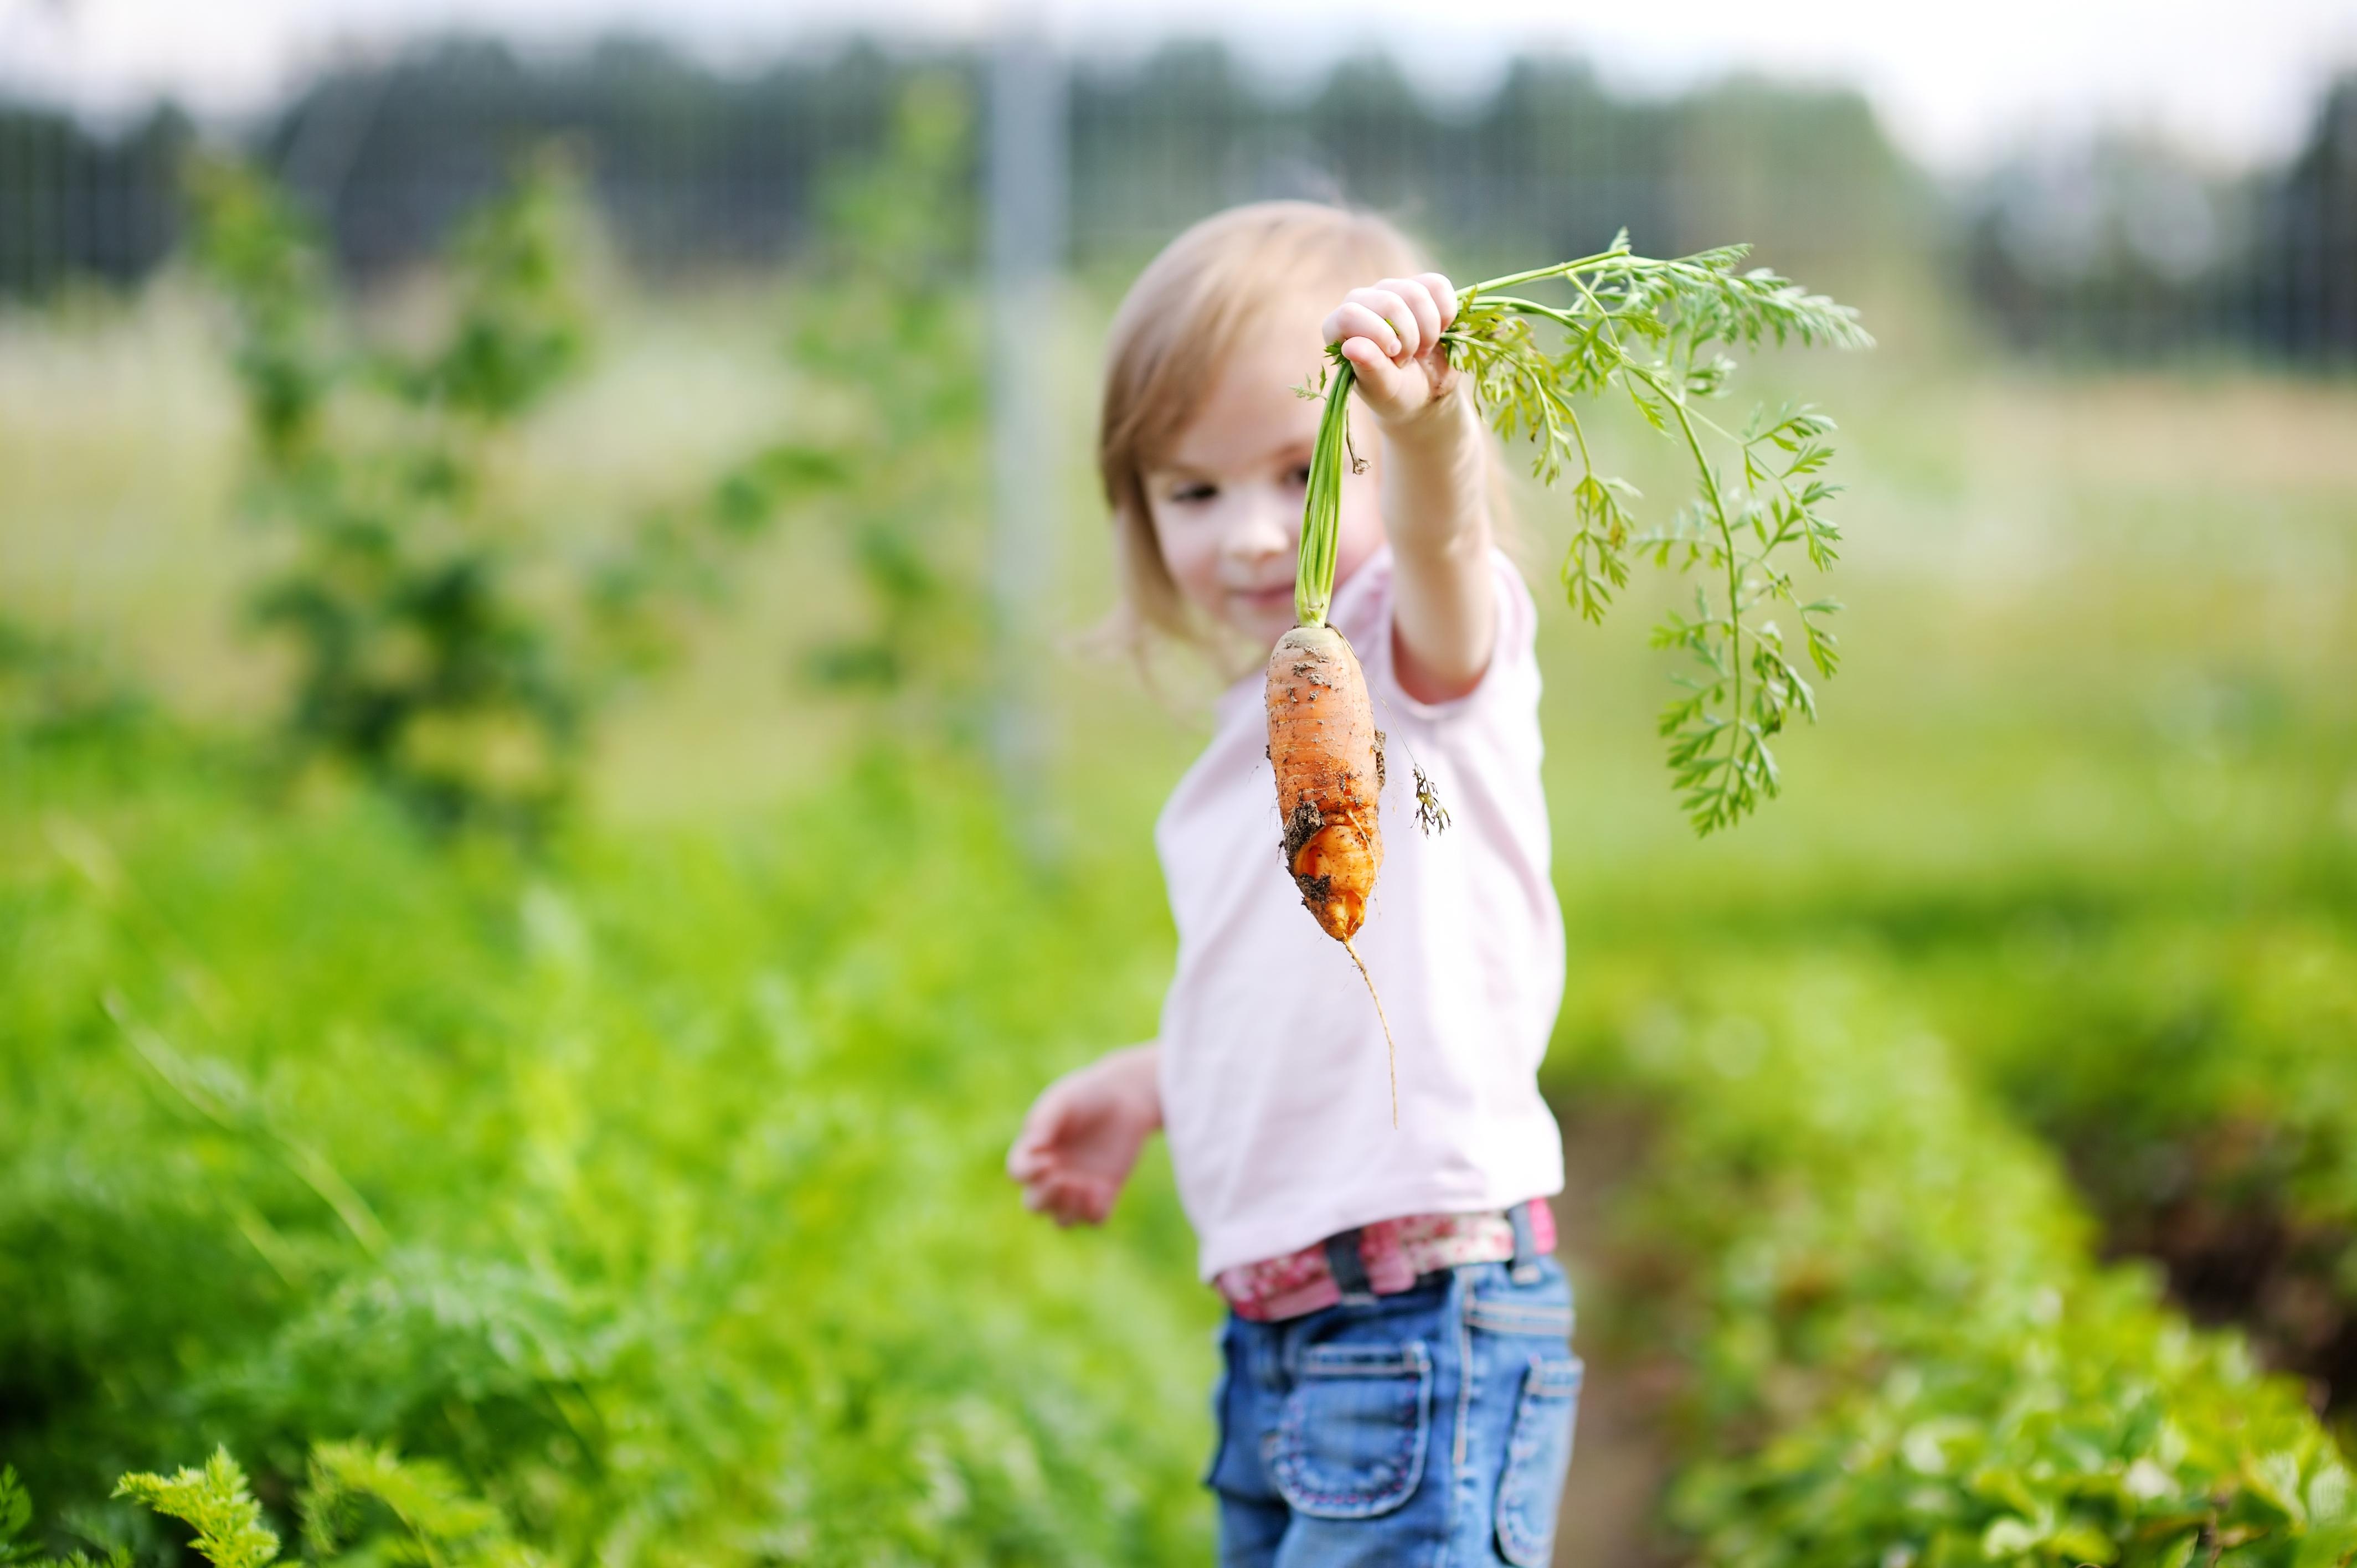 Kij i marchewka - zdrowy tryb życia